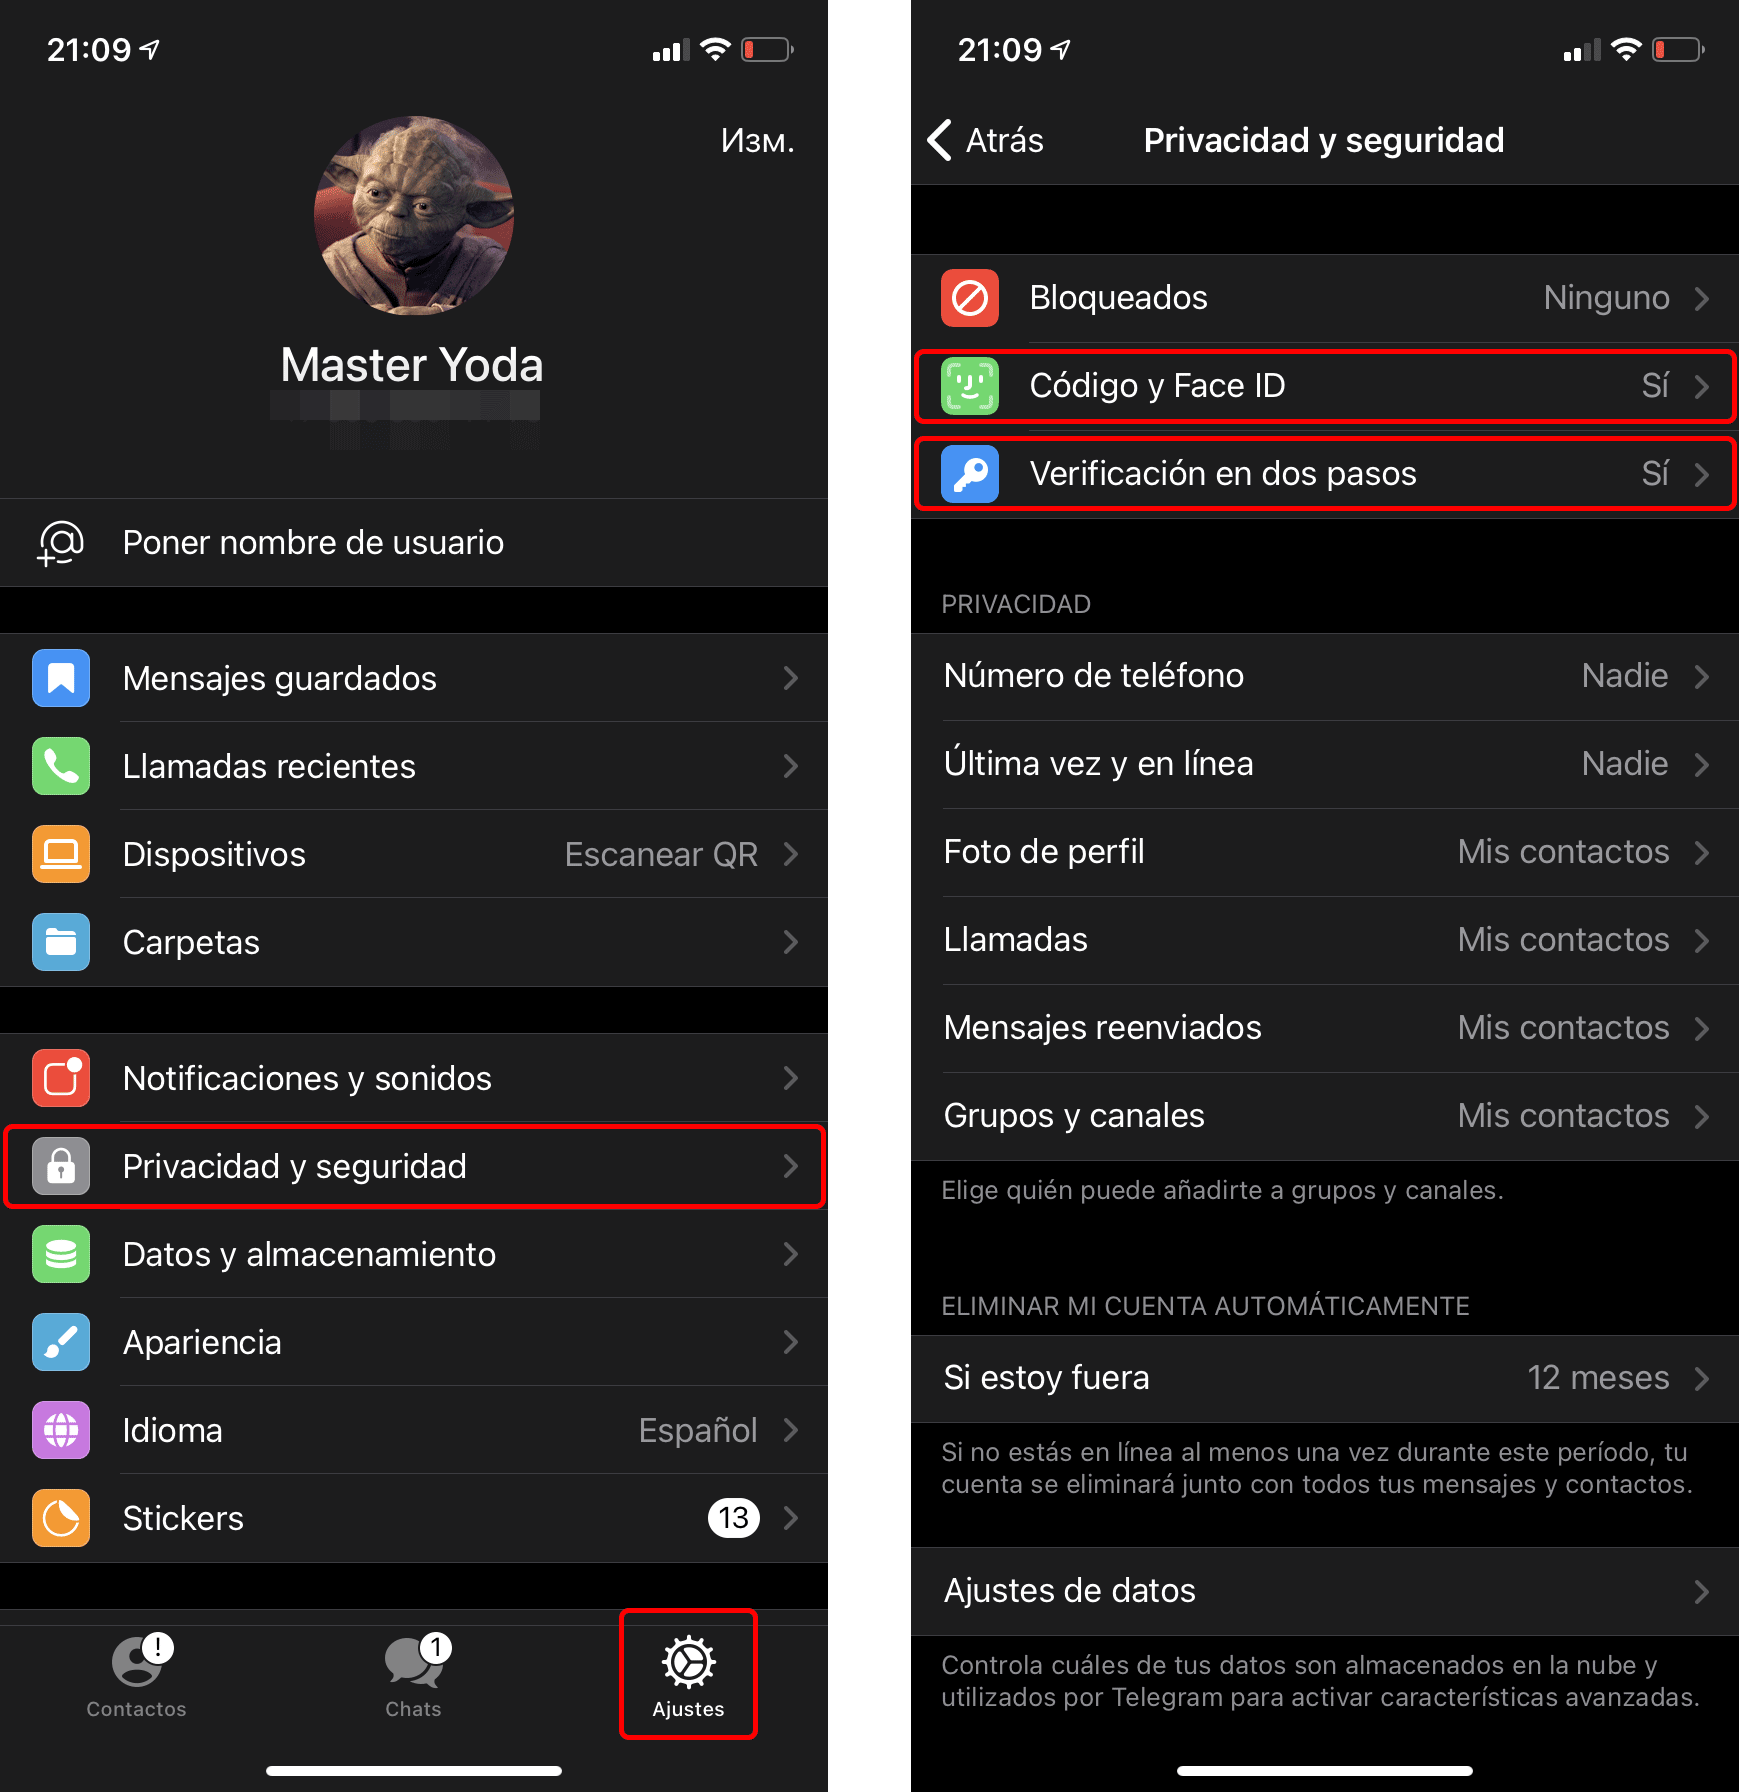 Cómo configurar la seguridad en Telegram